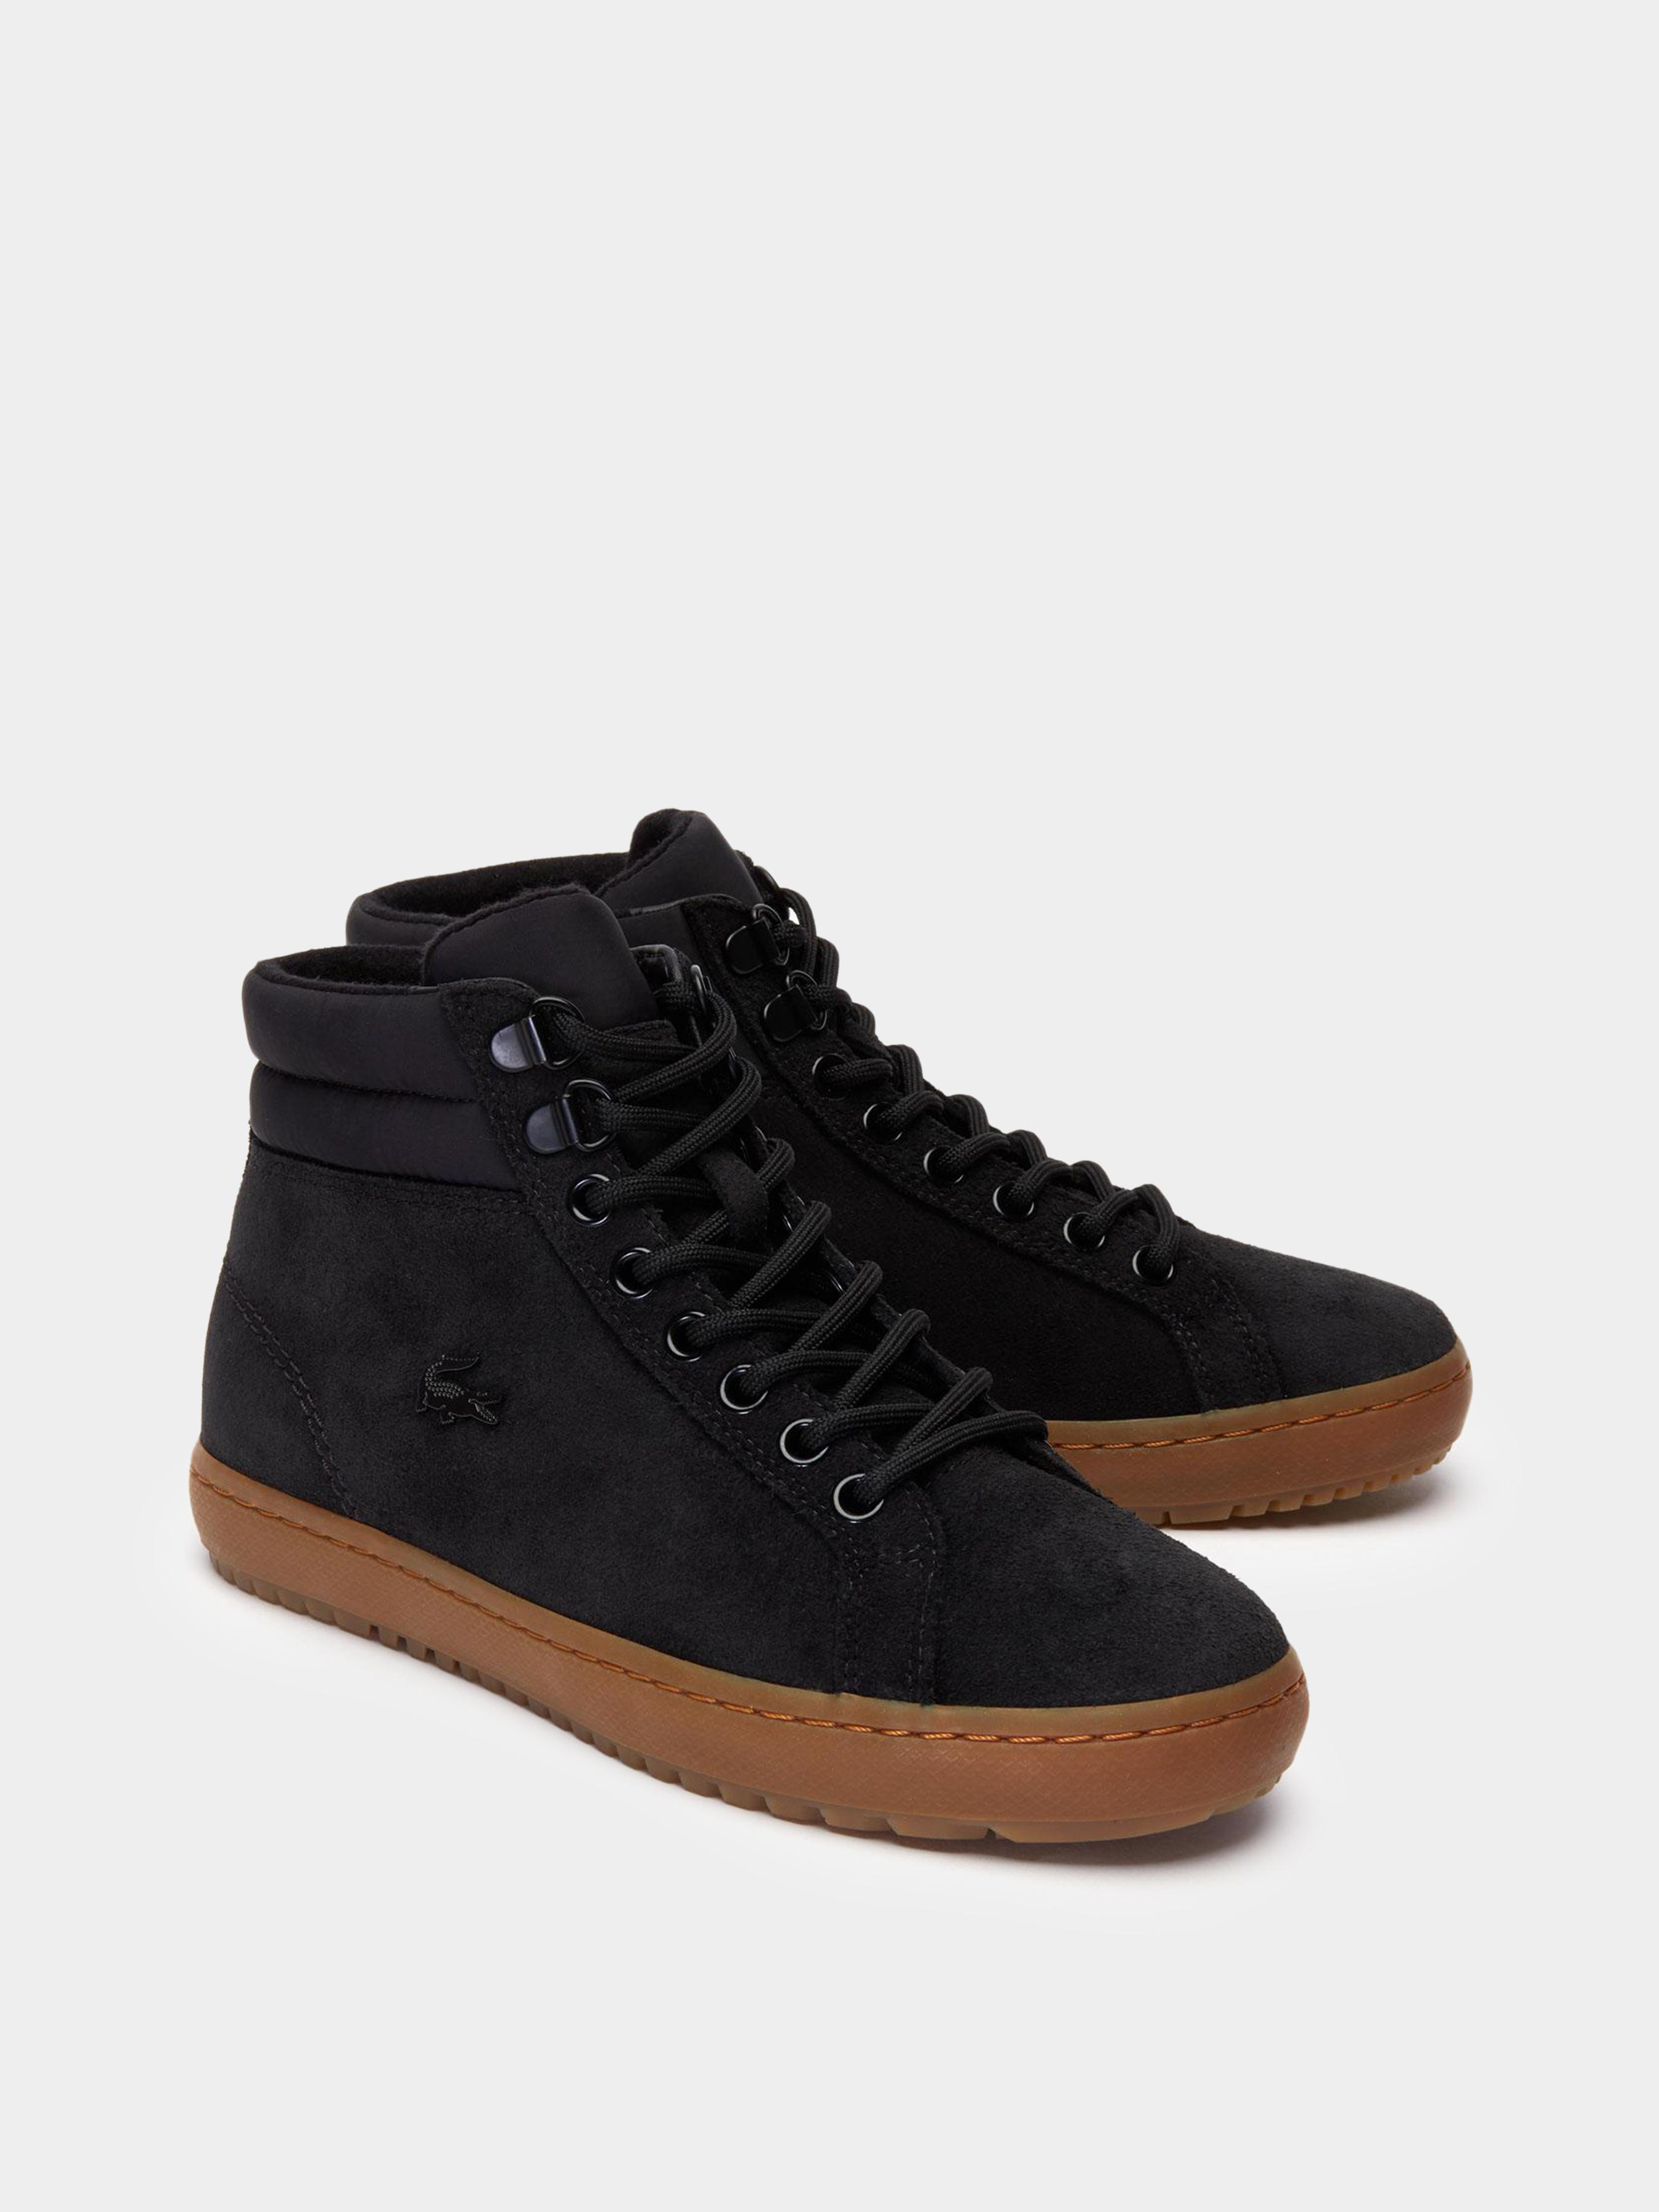 Ботинки для женщин Lacoste LL216 размерная сетка обуви, 2017